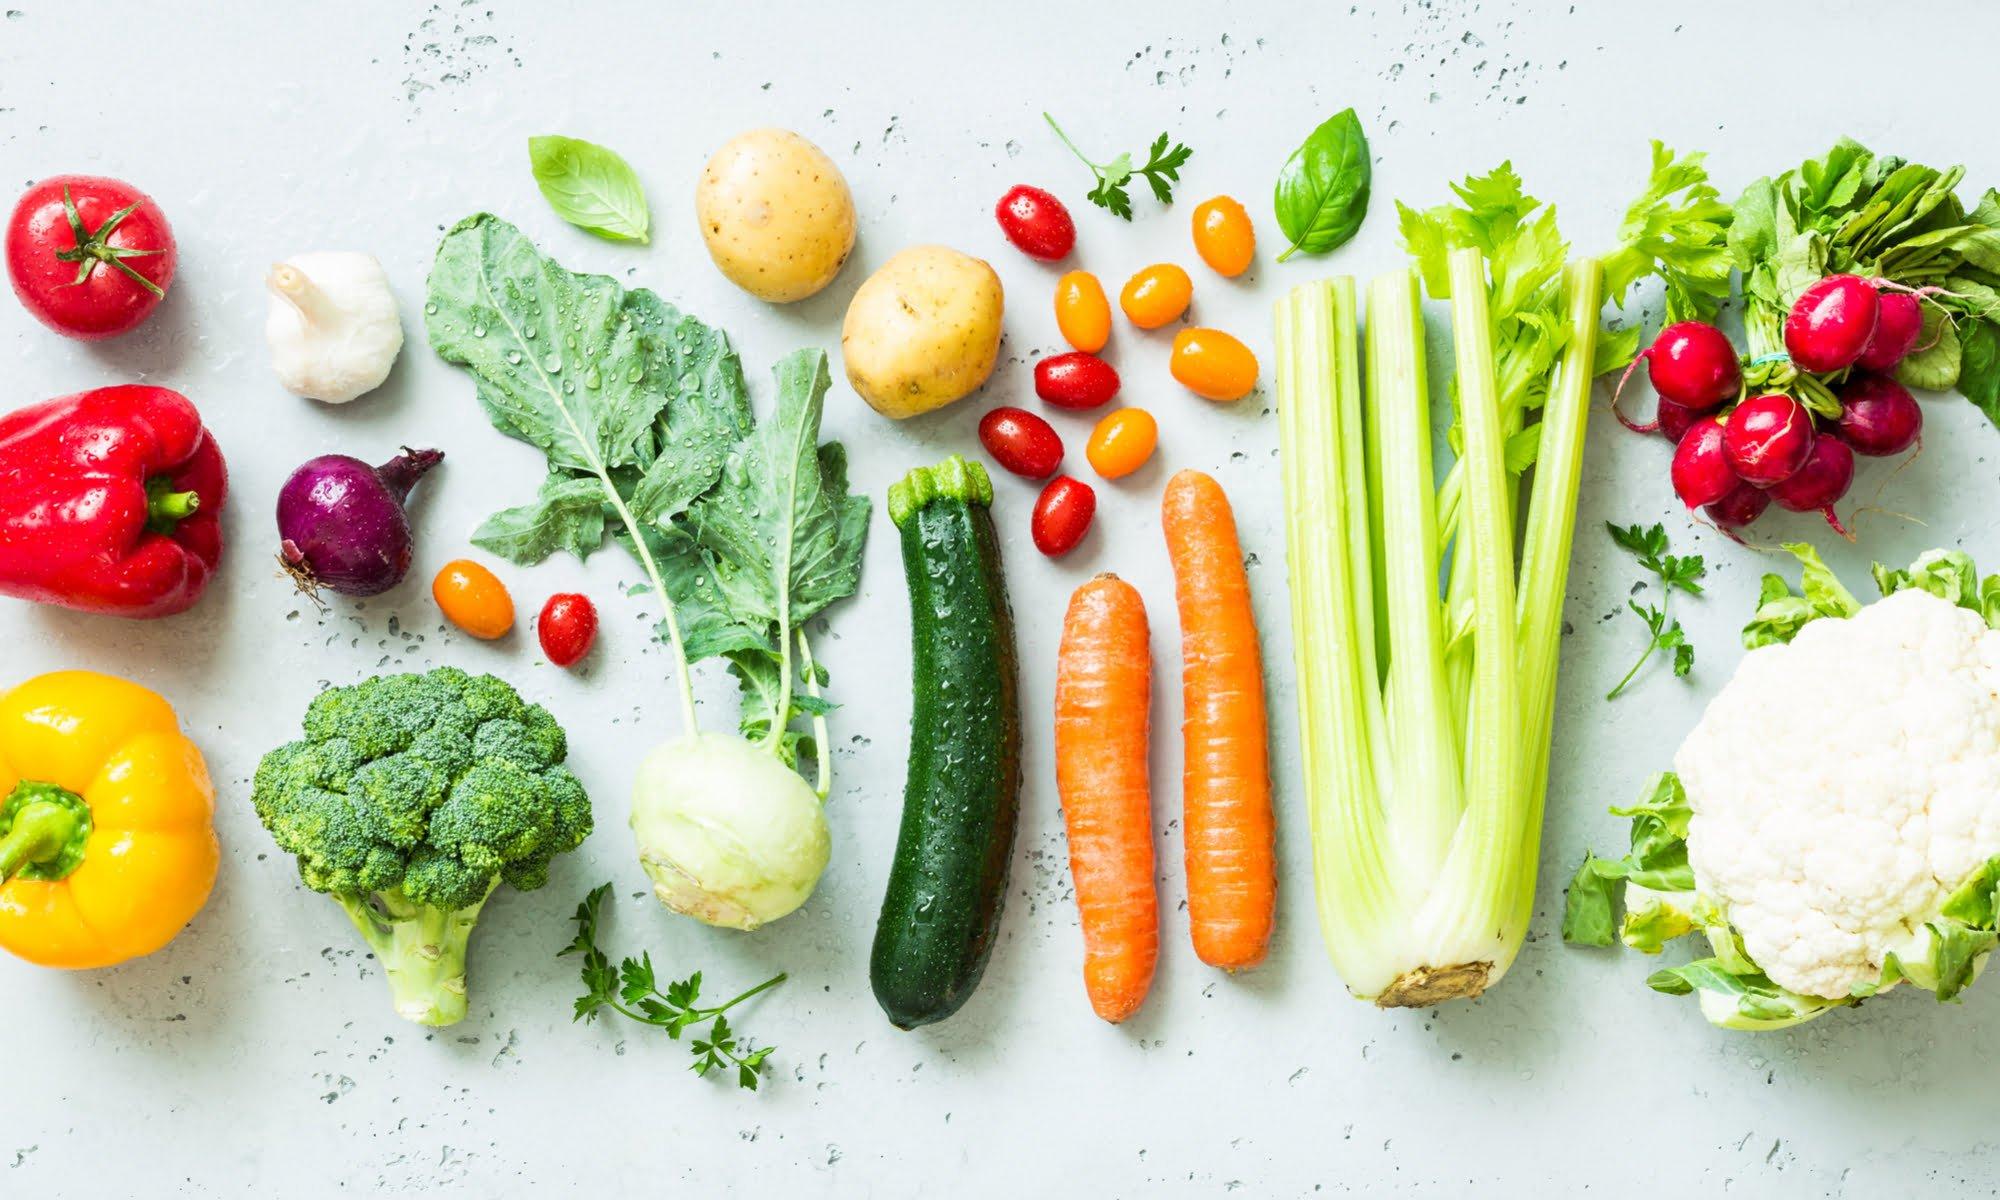 How Blush Lane Reduces Food Waste